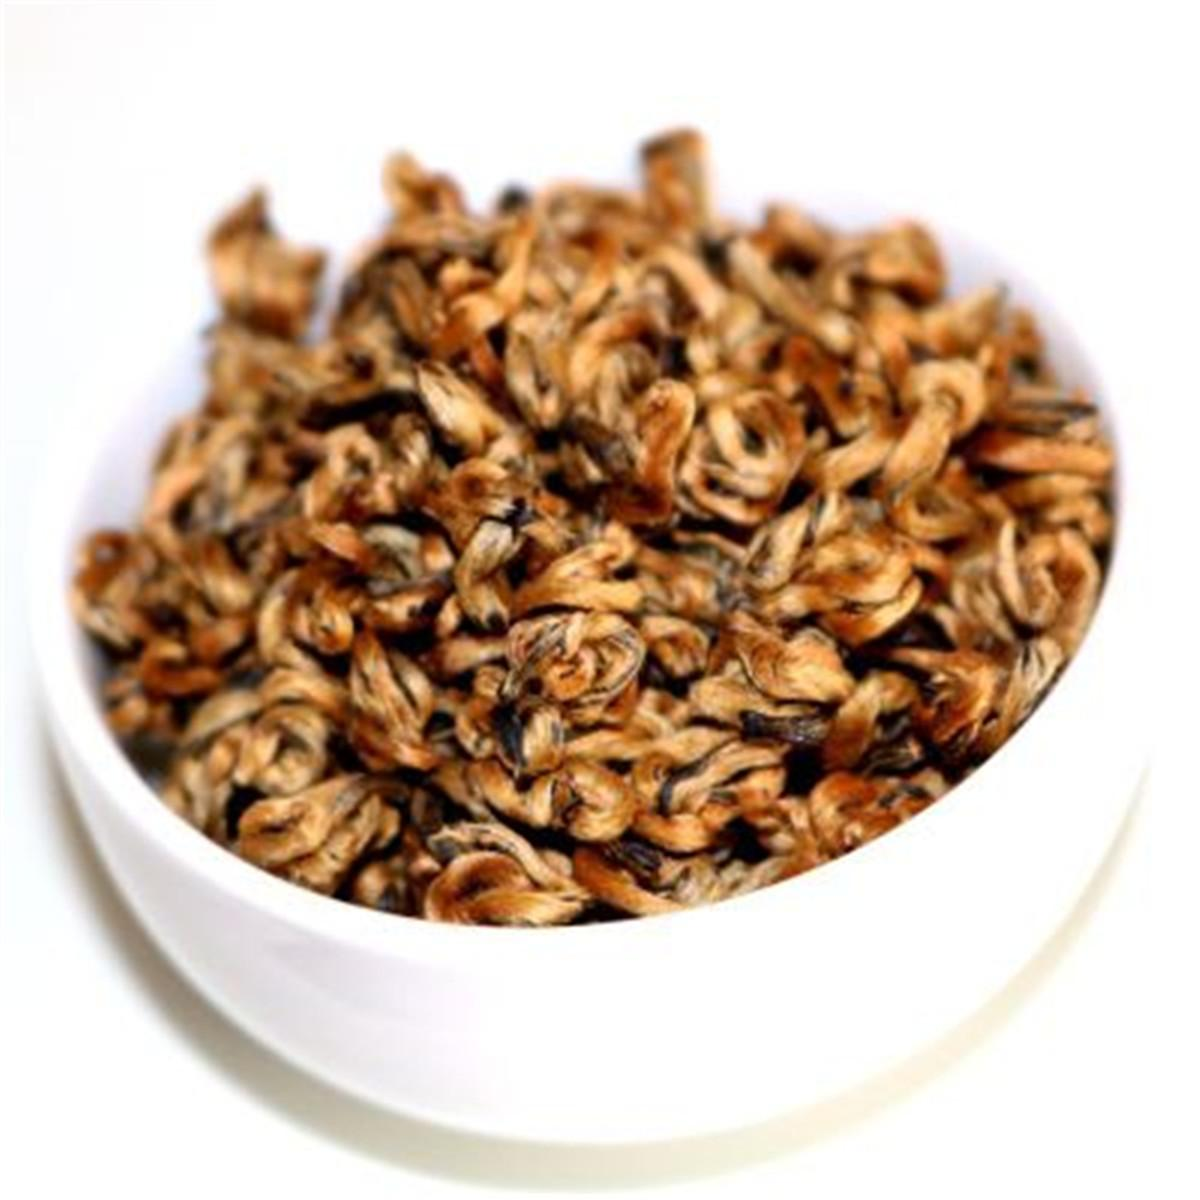 Promosyon Çin Organik Siyah Çay Prim Yunnan Altın Salyangoz Bud Dianhong Sağlık Yeni Çay Yeşil Gıda Pişmiş